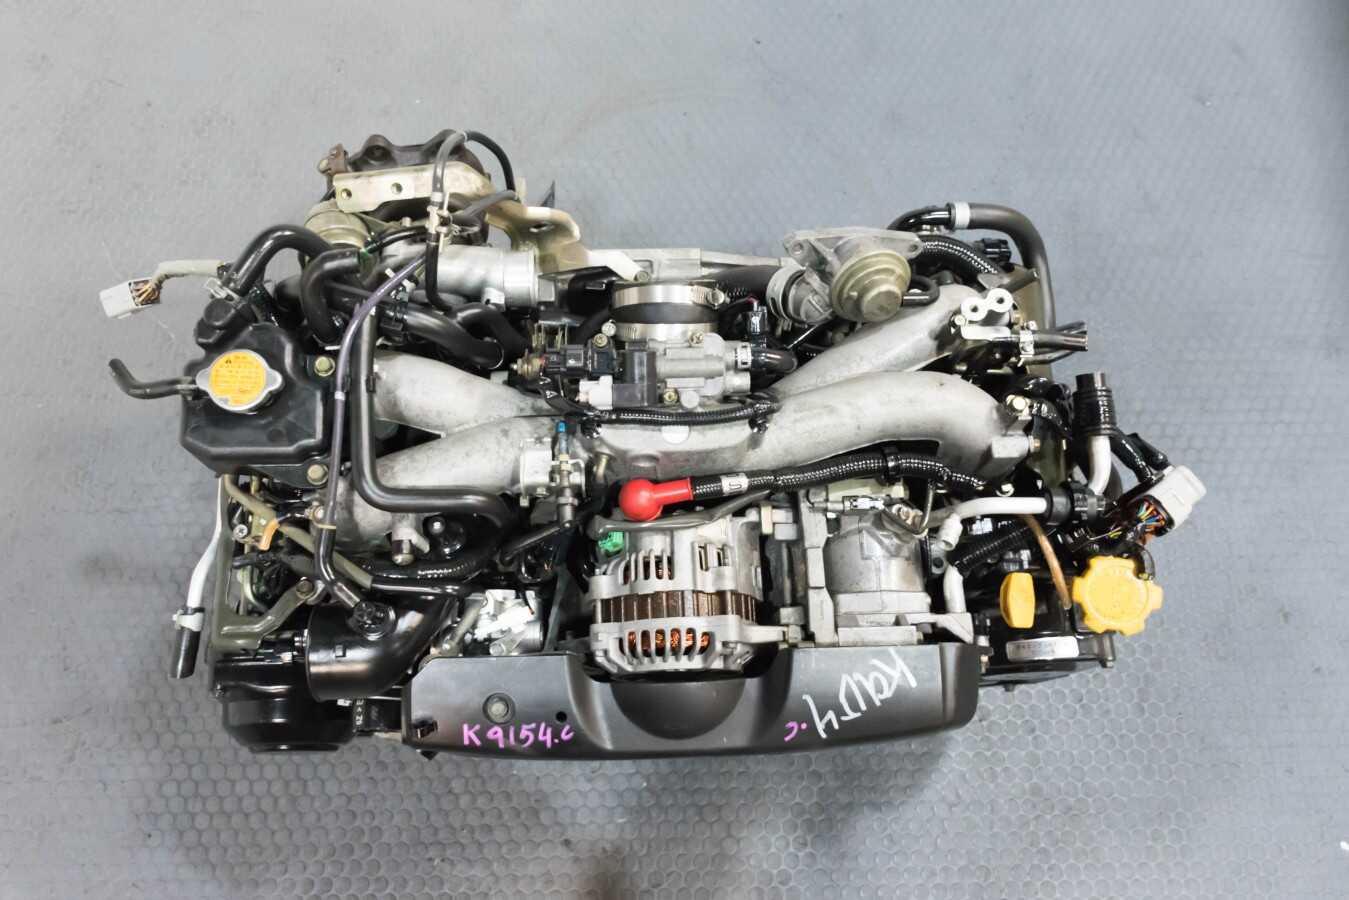 2005 Subaru Impreza Wrx >> Used 2007 Subaru Impreza WRX EJ205 Engine with AVCS TGV ...